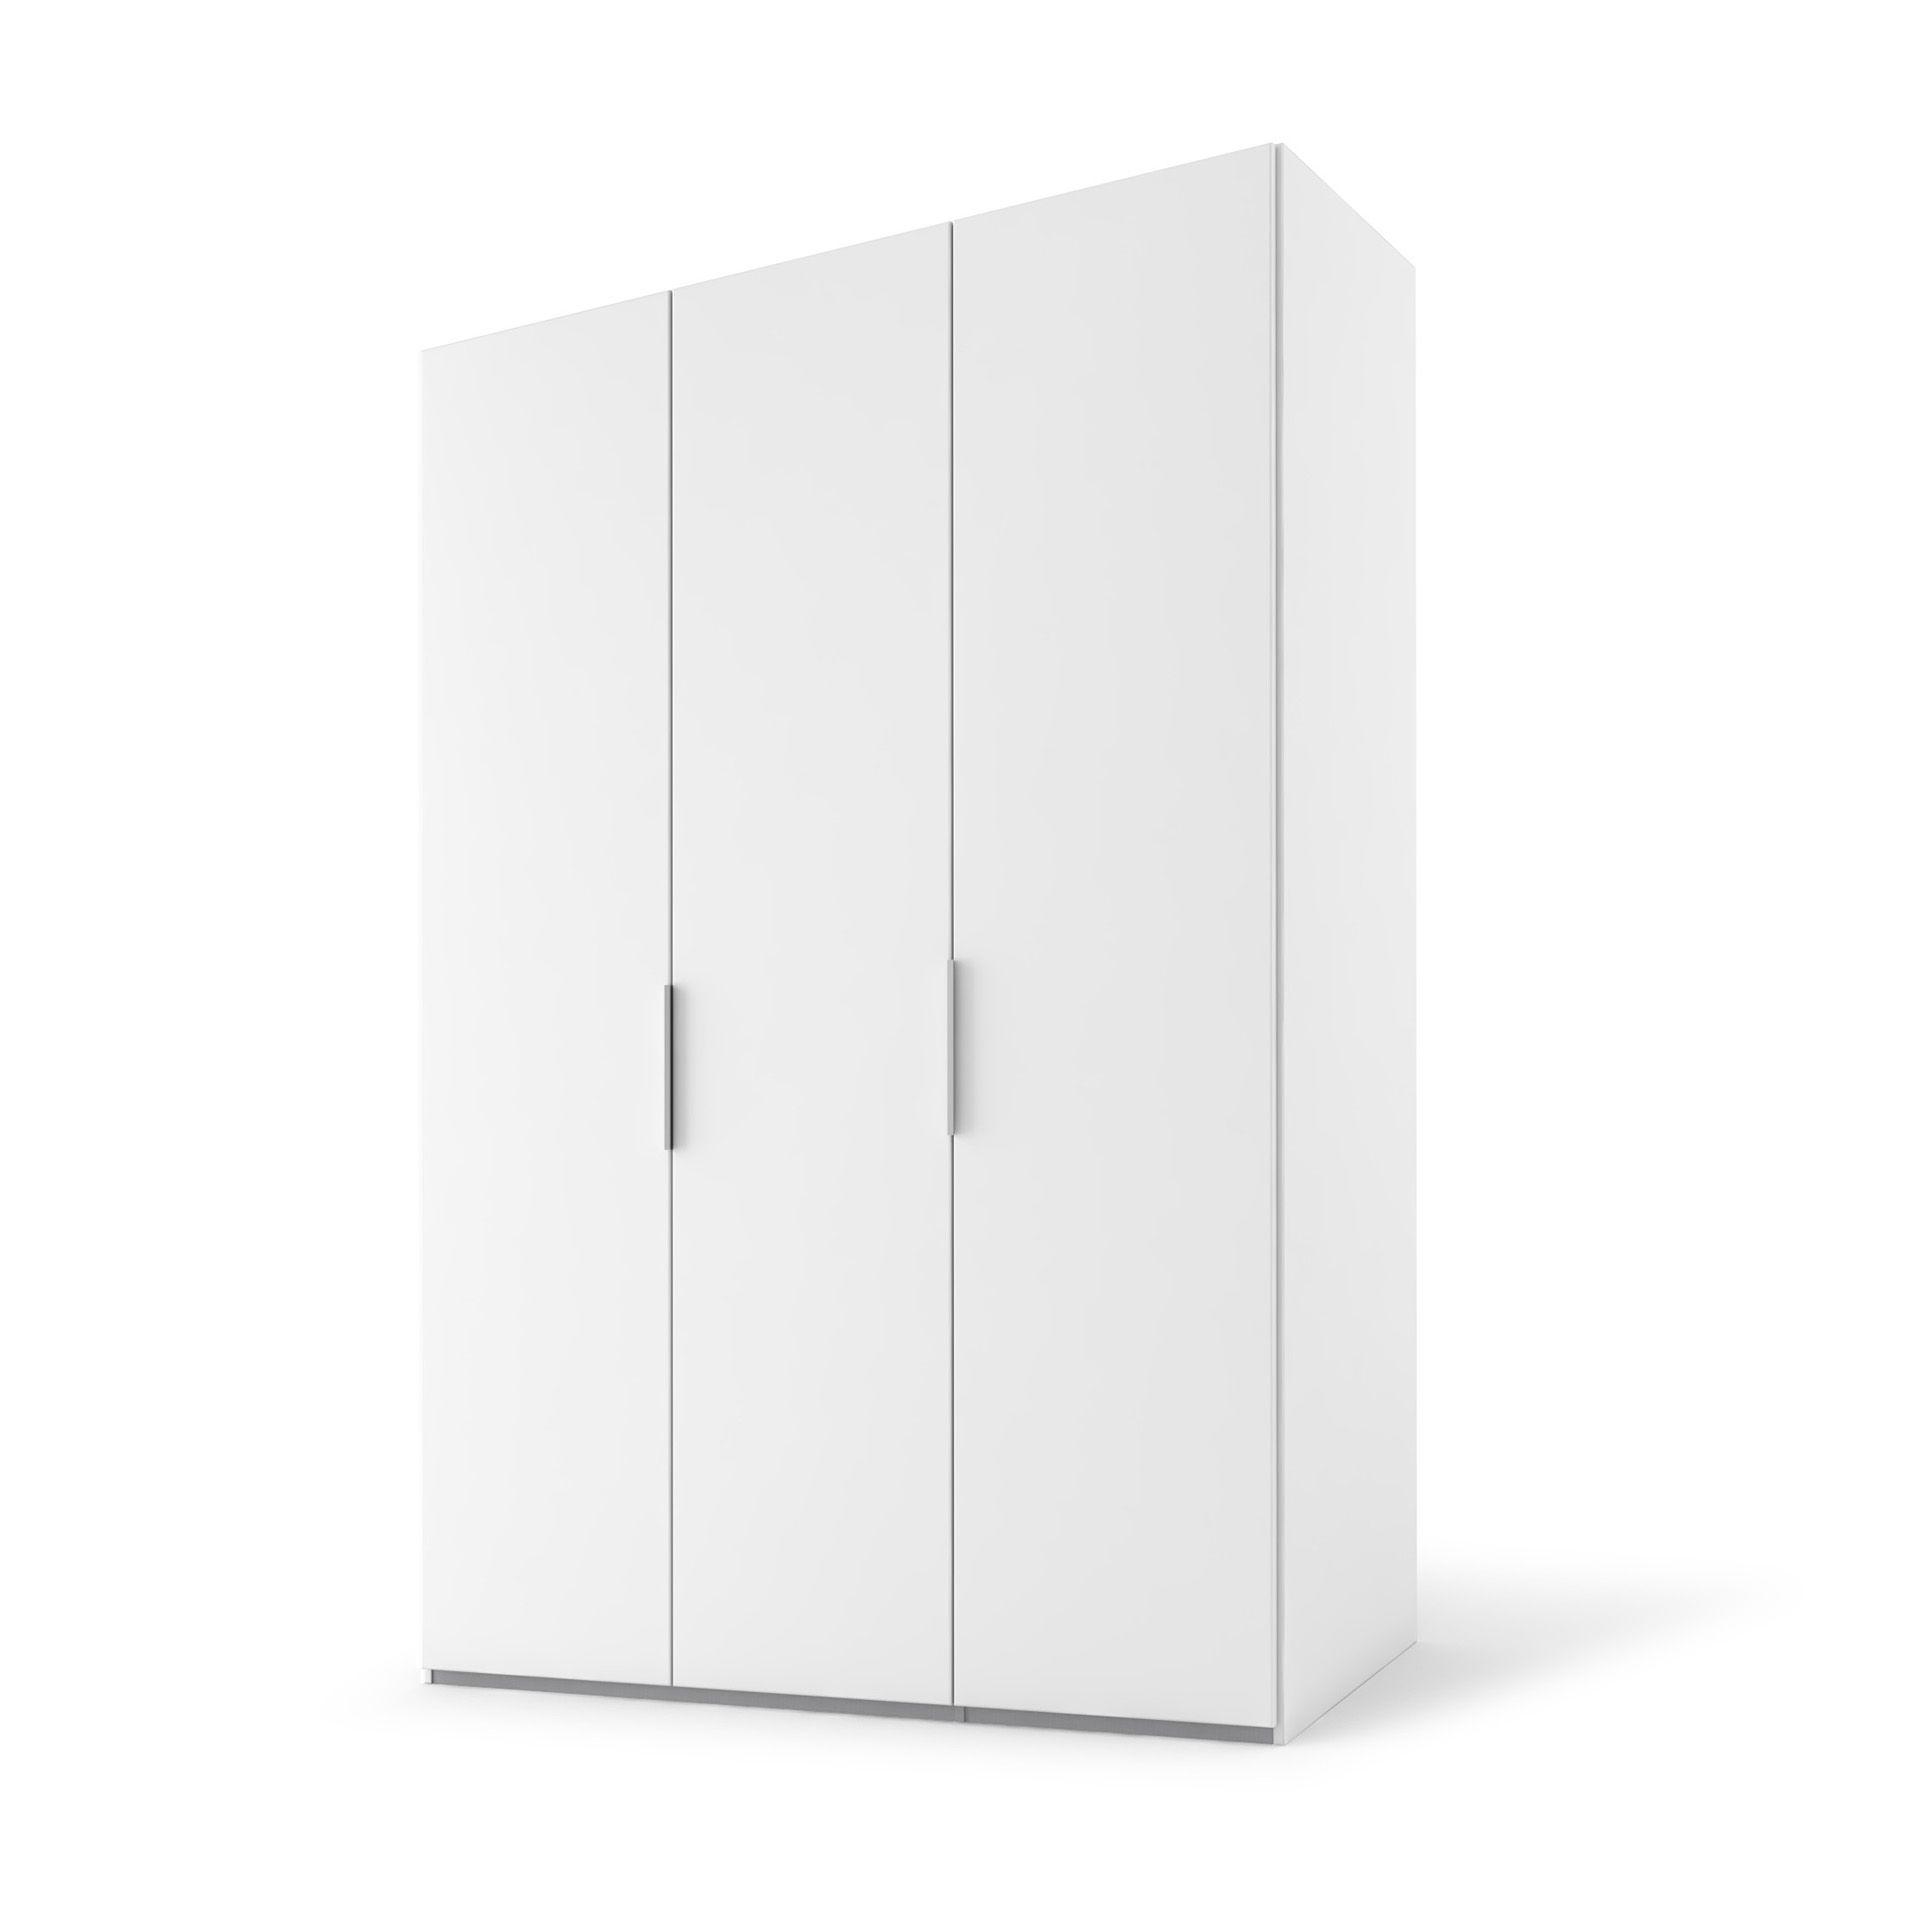 Nolte swift Draaideurkast - 3 deurs Poolwit